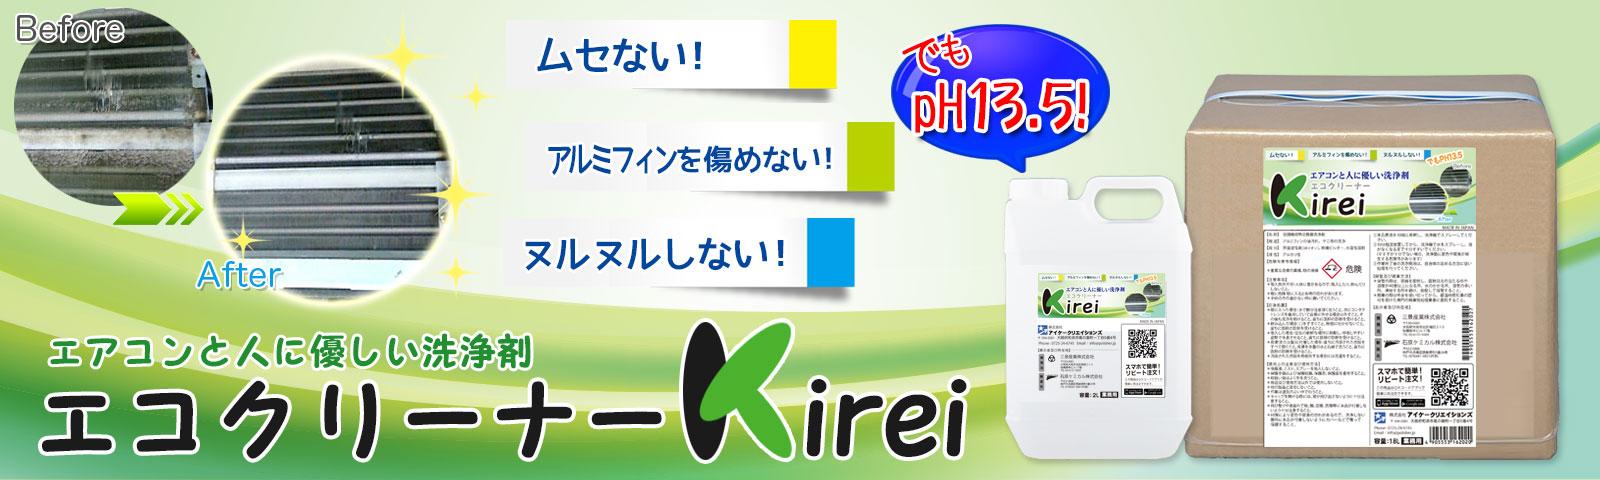 エコクリーナーKirei - 親水被膜を傷めない・泡立ちゼロ・ムセないエアコン洗剤